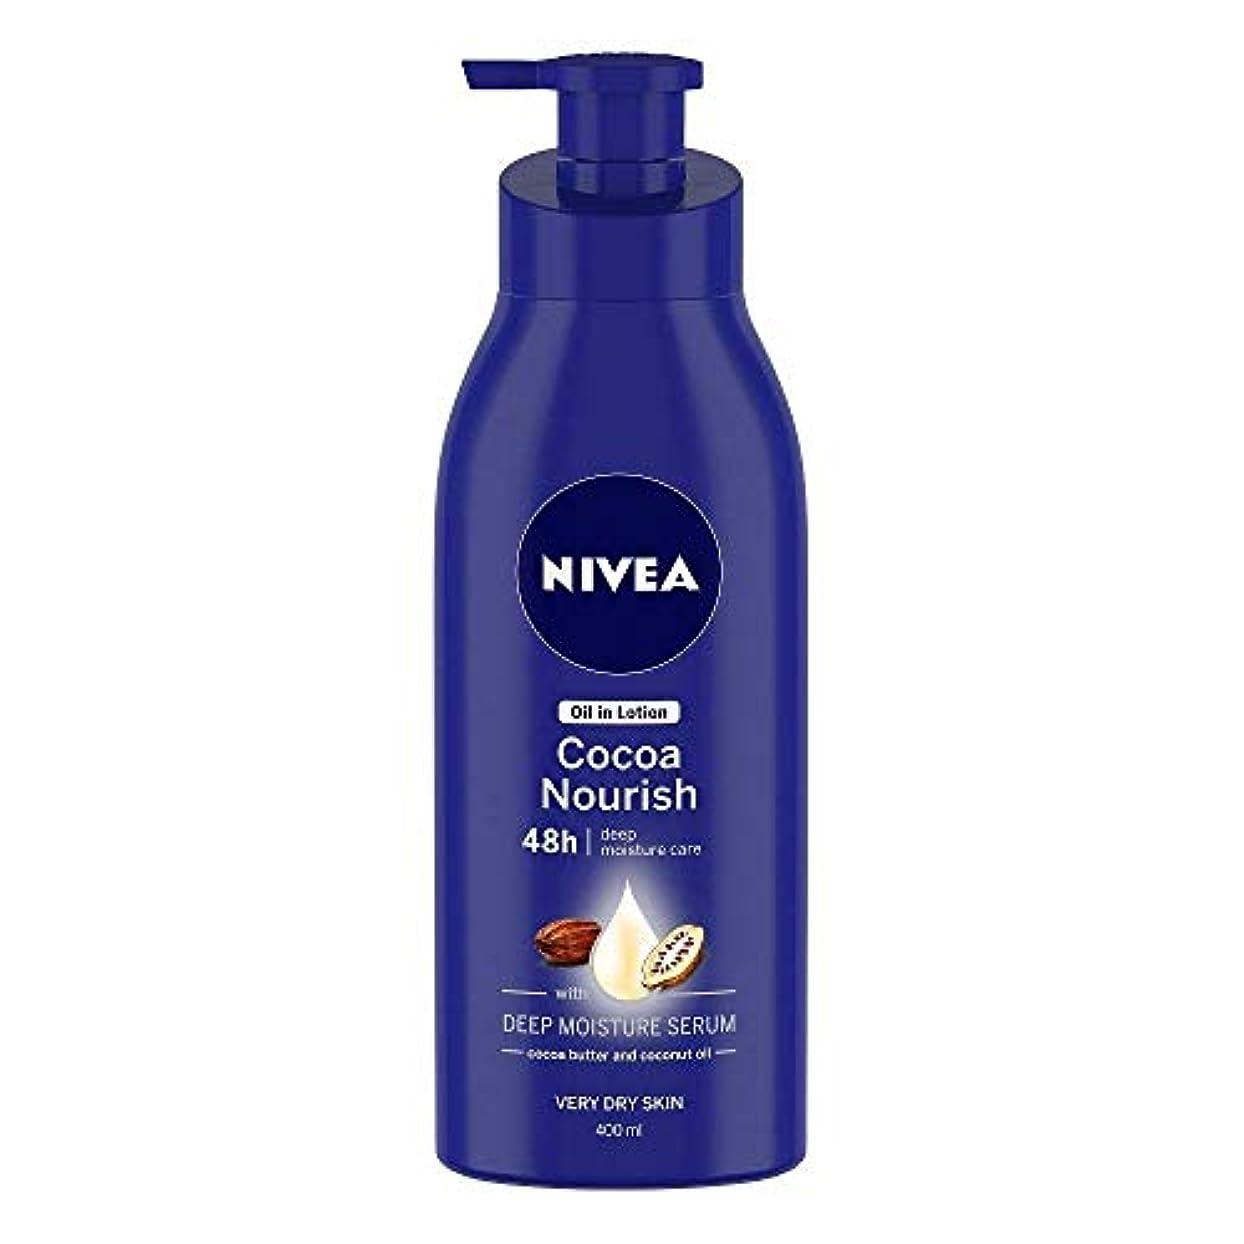 数値に対応するコークスNivea Oil in Lotion Cocoa Nourish, 400ml